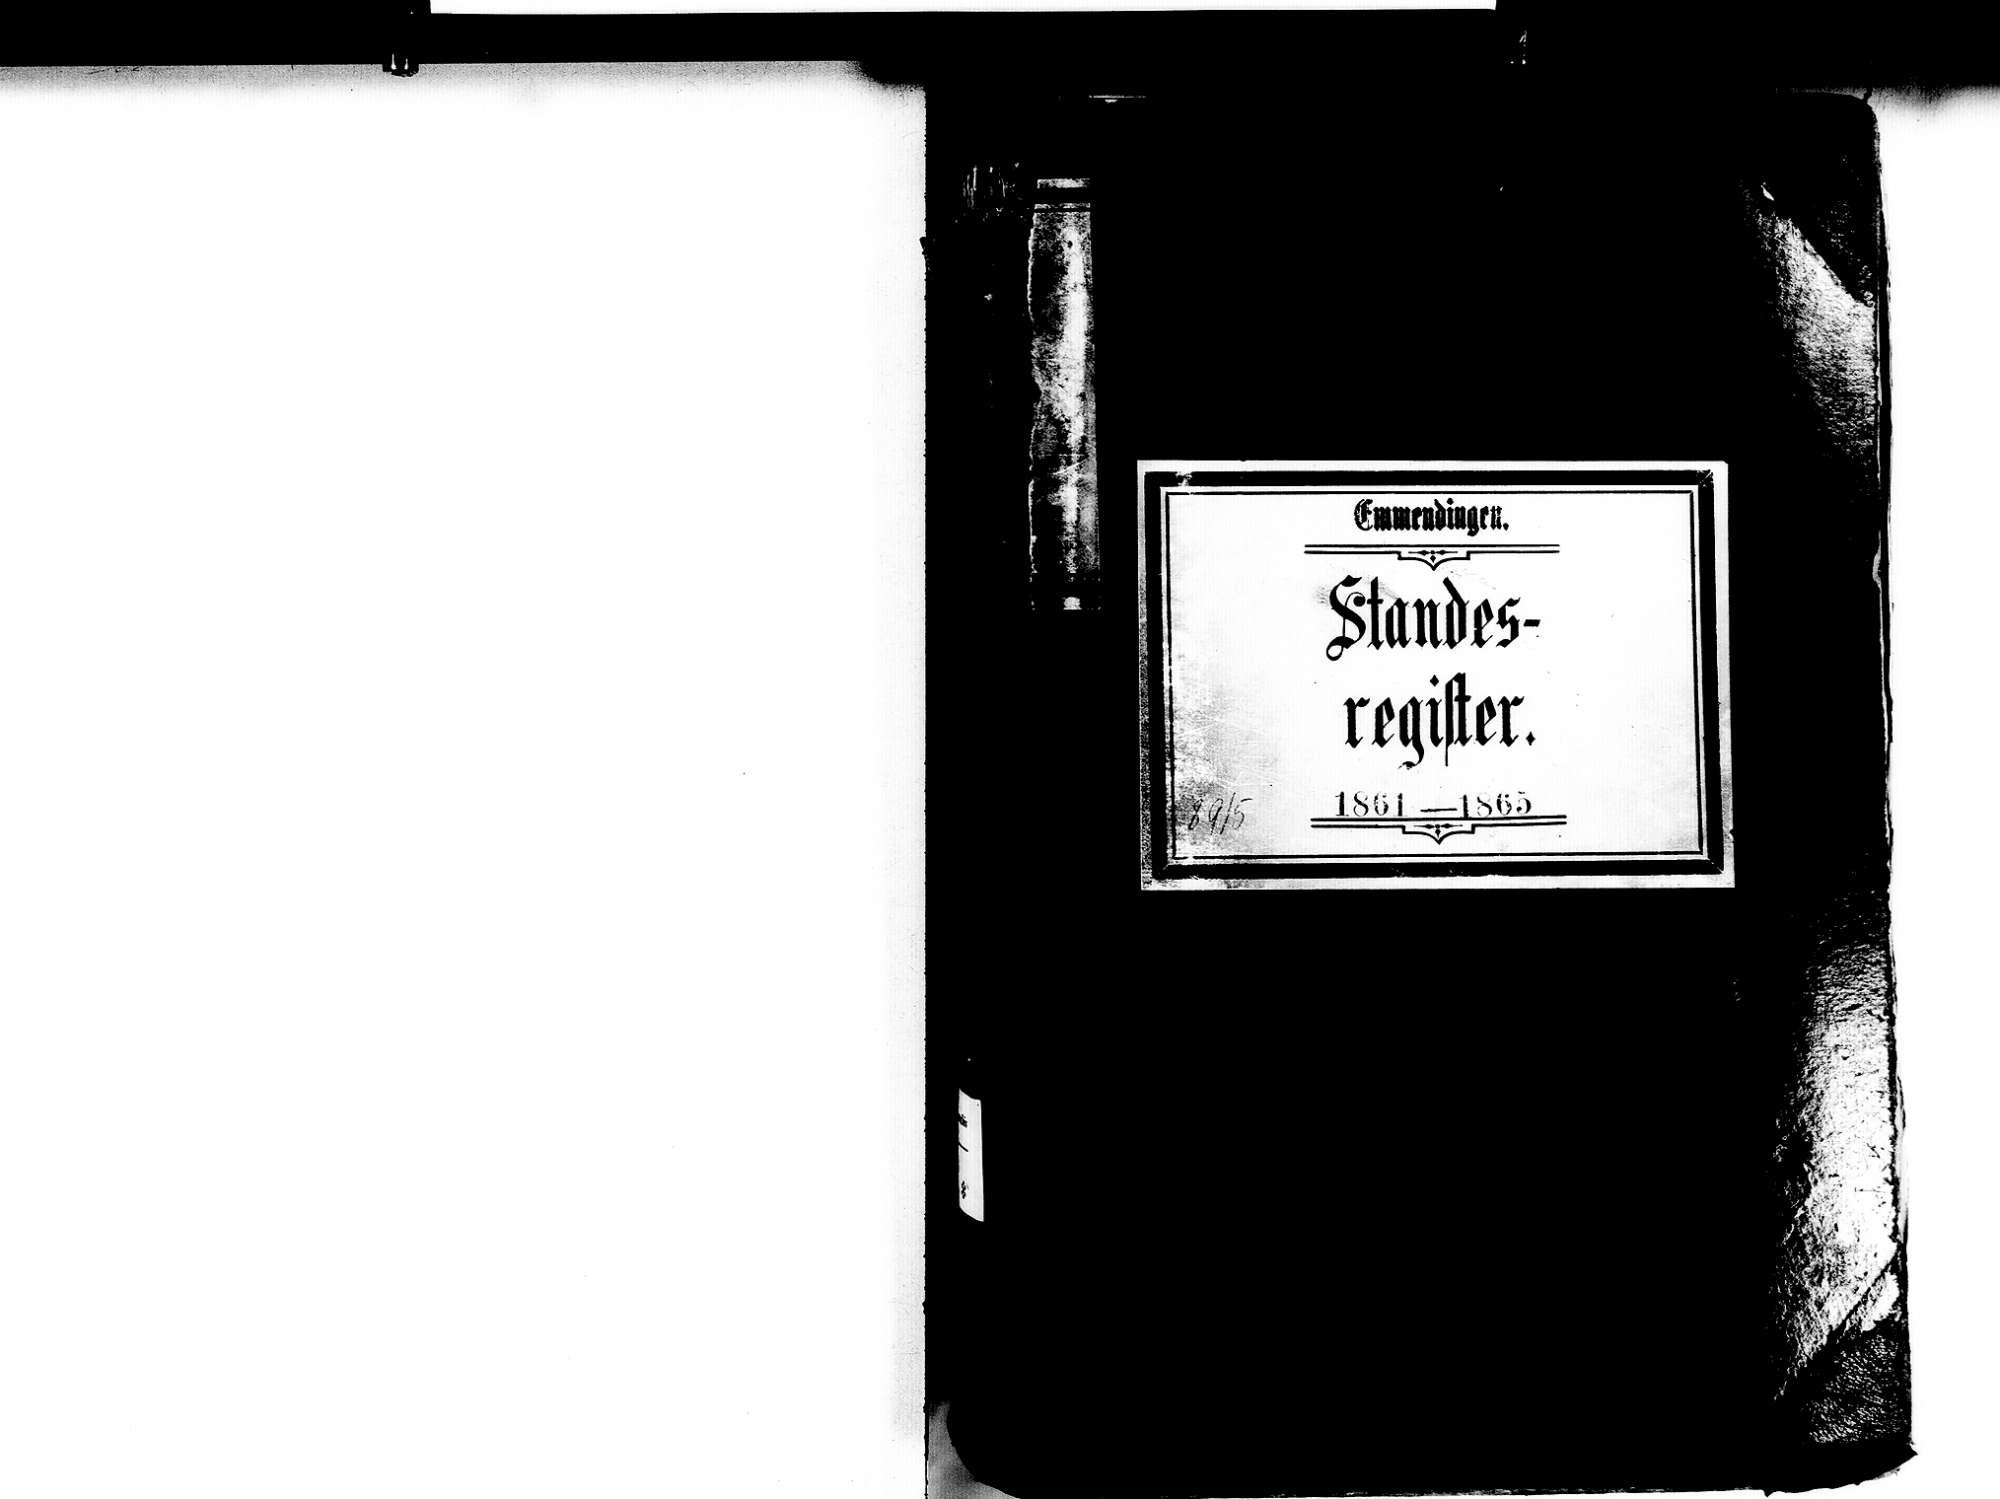 Emmendingen EM; Evangelische Gemeinde: Standesbuch 1861-1865 Emmendingen EM; Katholische Gemeinde: Standesbuch 1861-1865 Emmendingen EM; Israelitische Gemeinde: Standesbuch 1861-1865, Bild 2